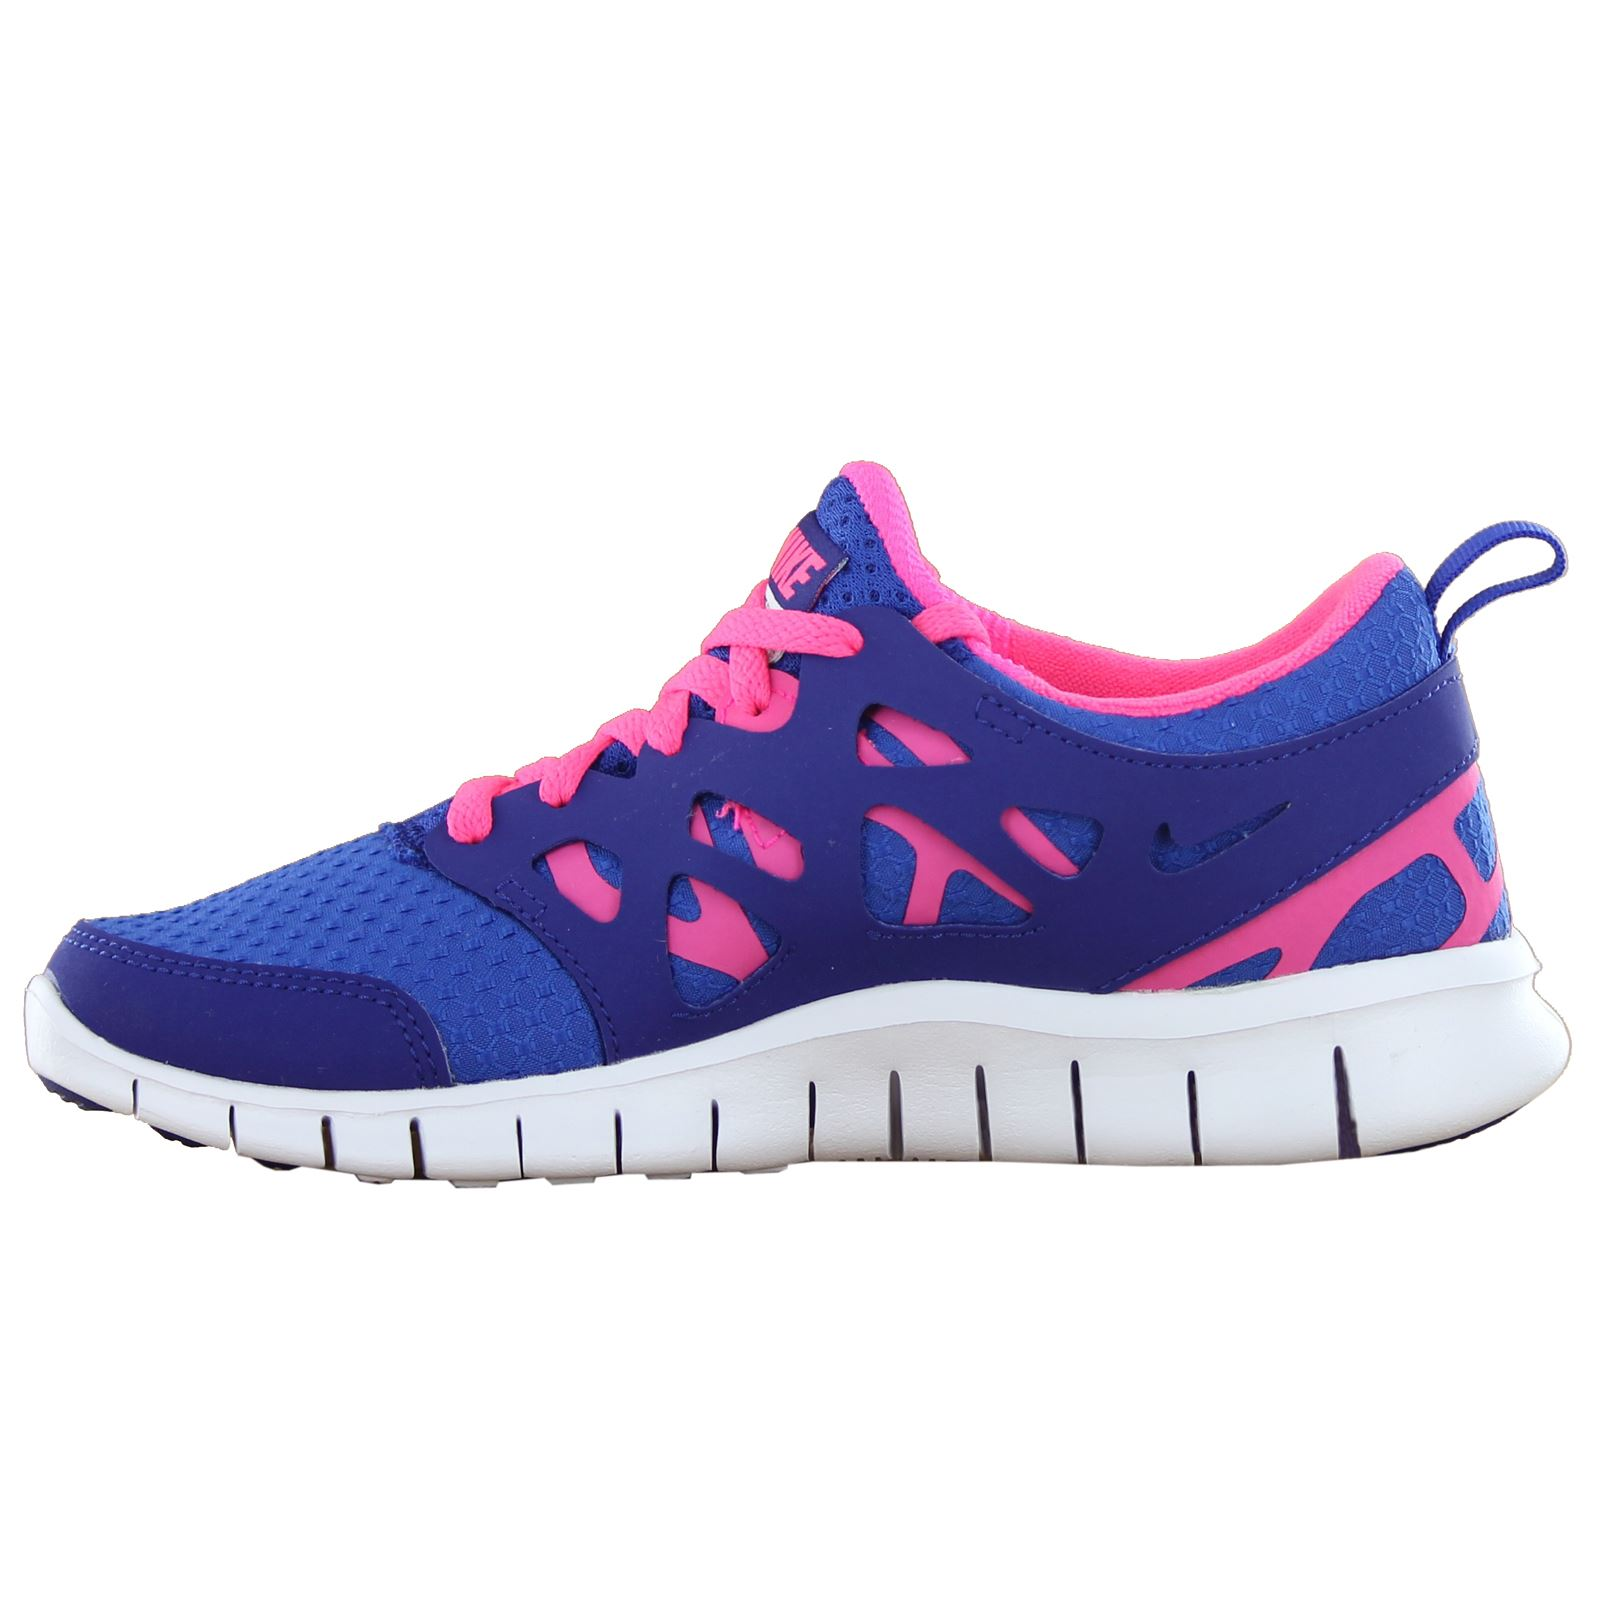 Nike Free Run 2 Mesh Kids Trainers | eBay